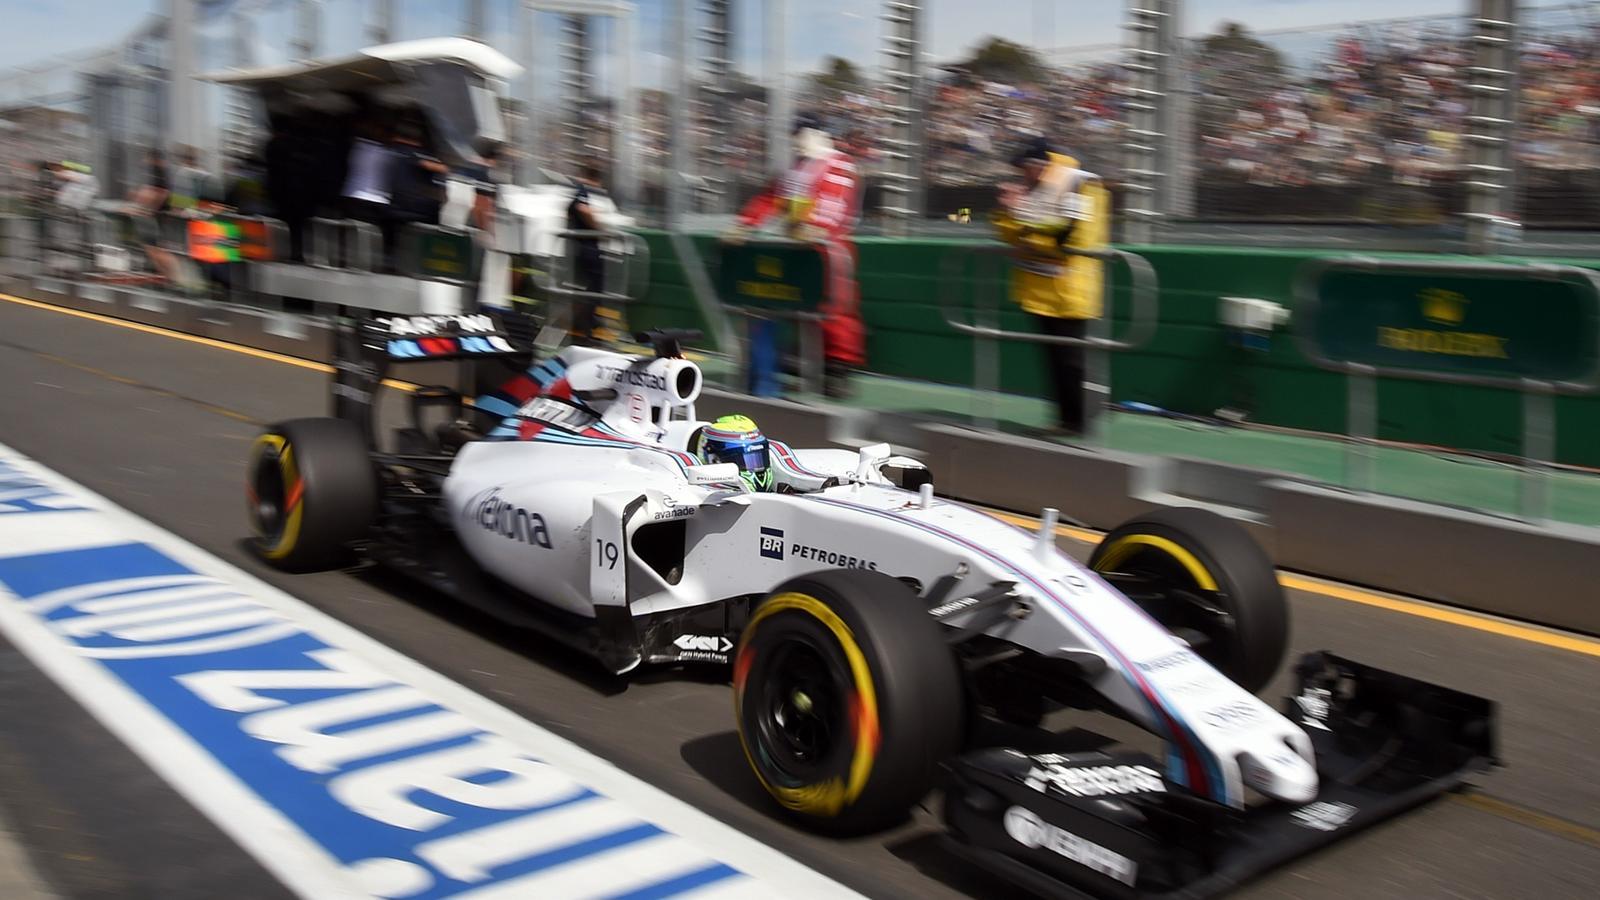 Spécial Sebastian Vettel (Formule un) - Page 12 1436242-30721734-1600-900